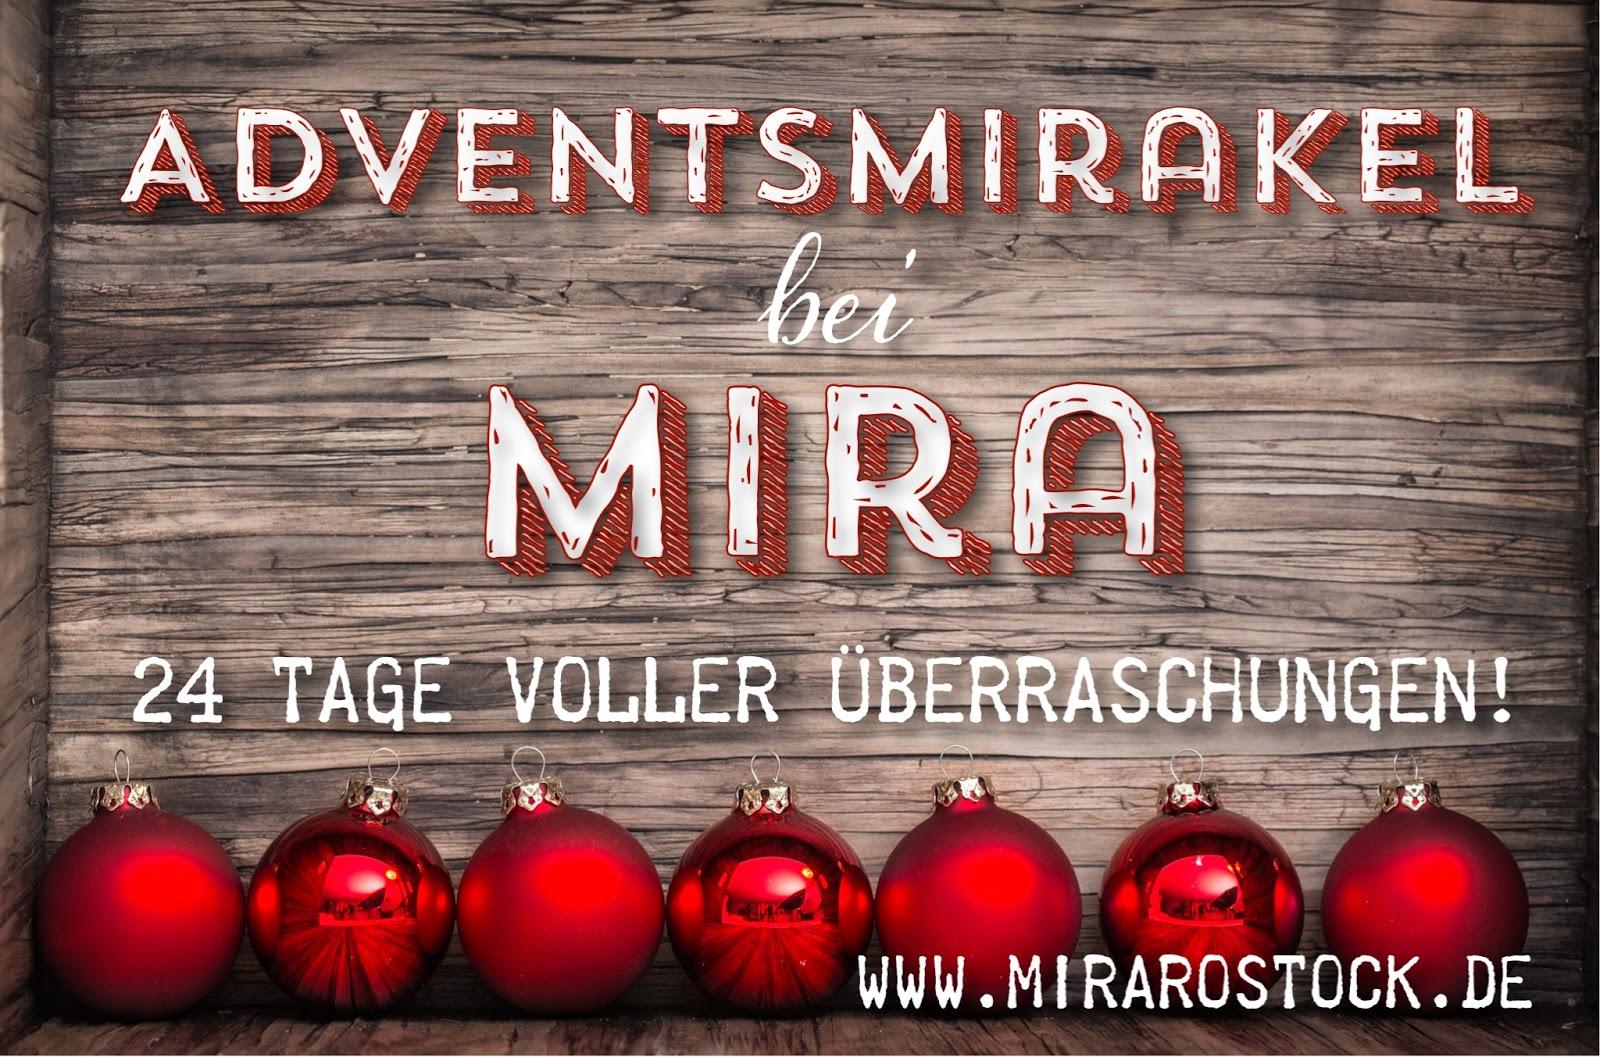 Unser mira - Adventsmirakel startet wieder! 2